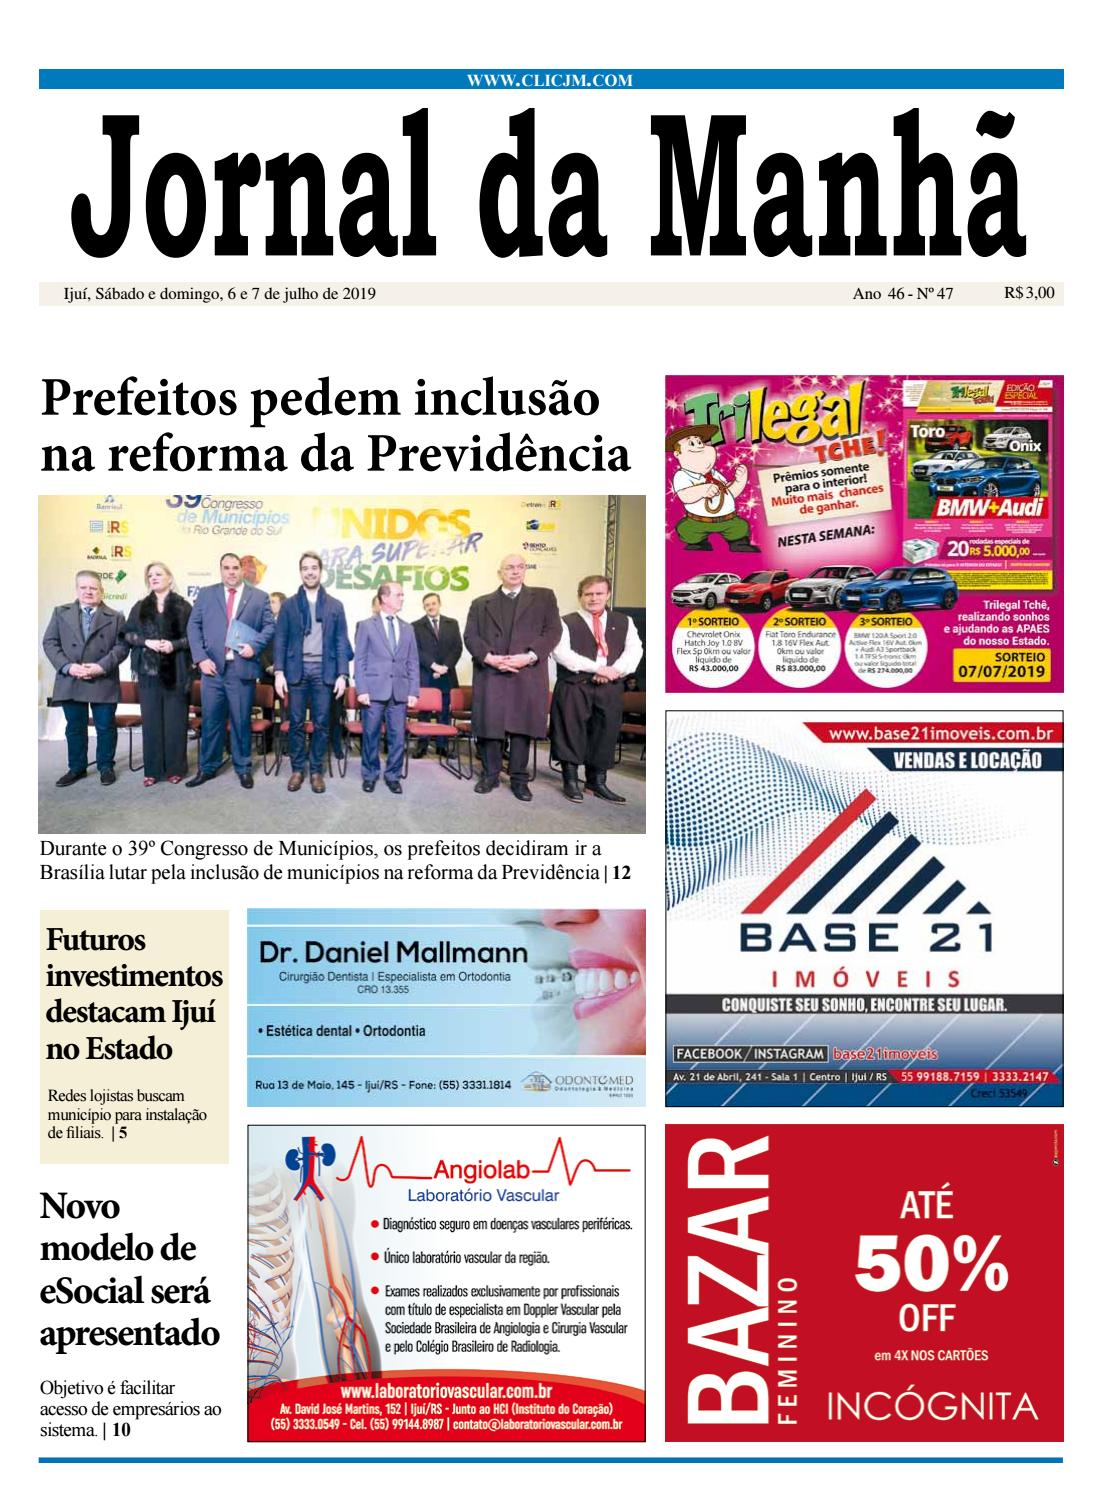 5f23b01f088 Jornal da Manhã - Sábado 6.7.2019 by clicjm - issuu